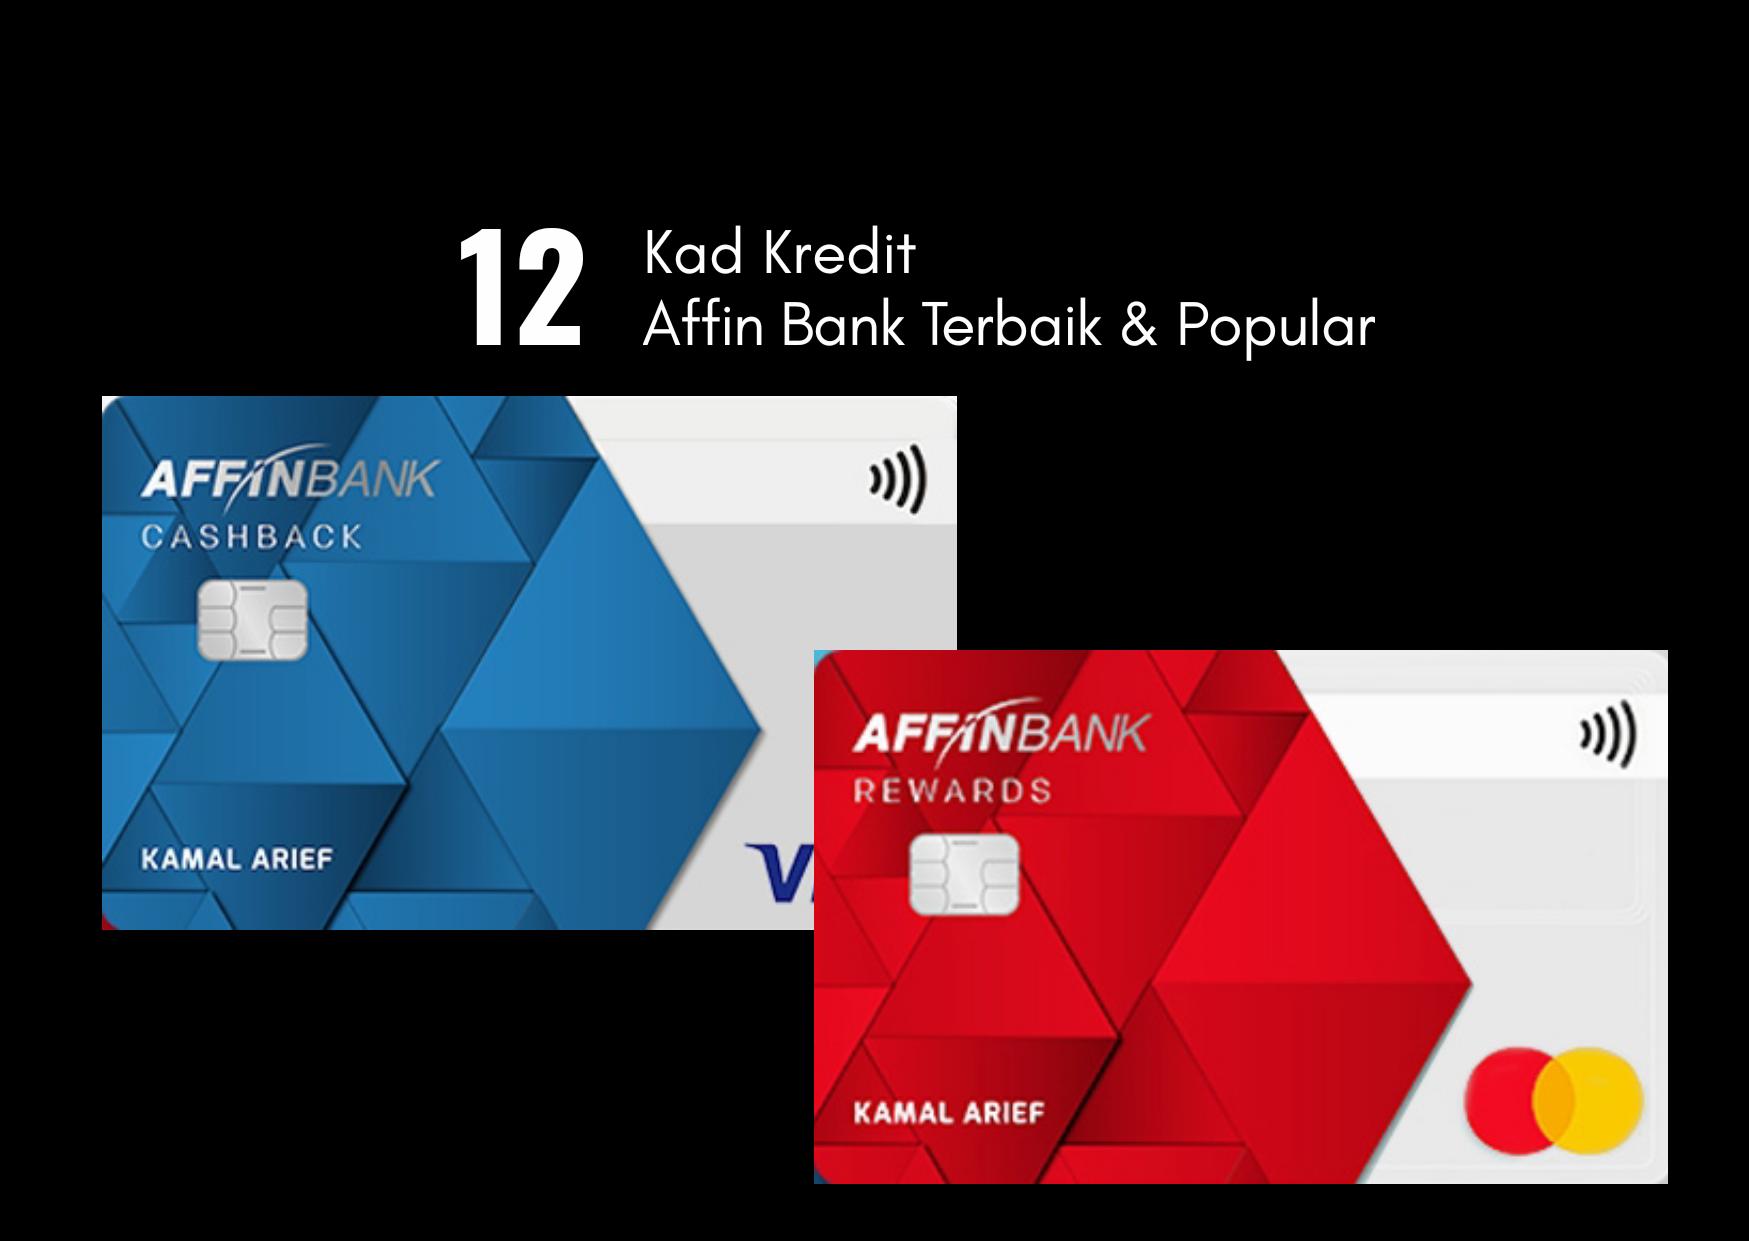 10 Kad Kredit Affin Bank Terbaik & Popular